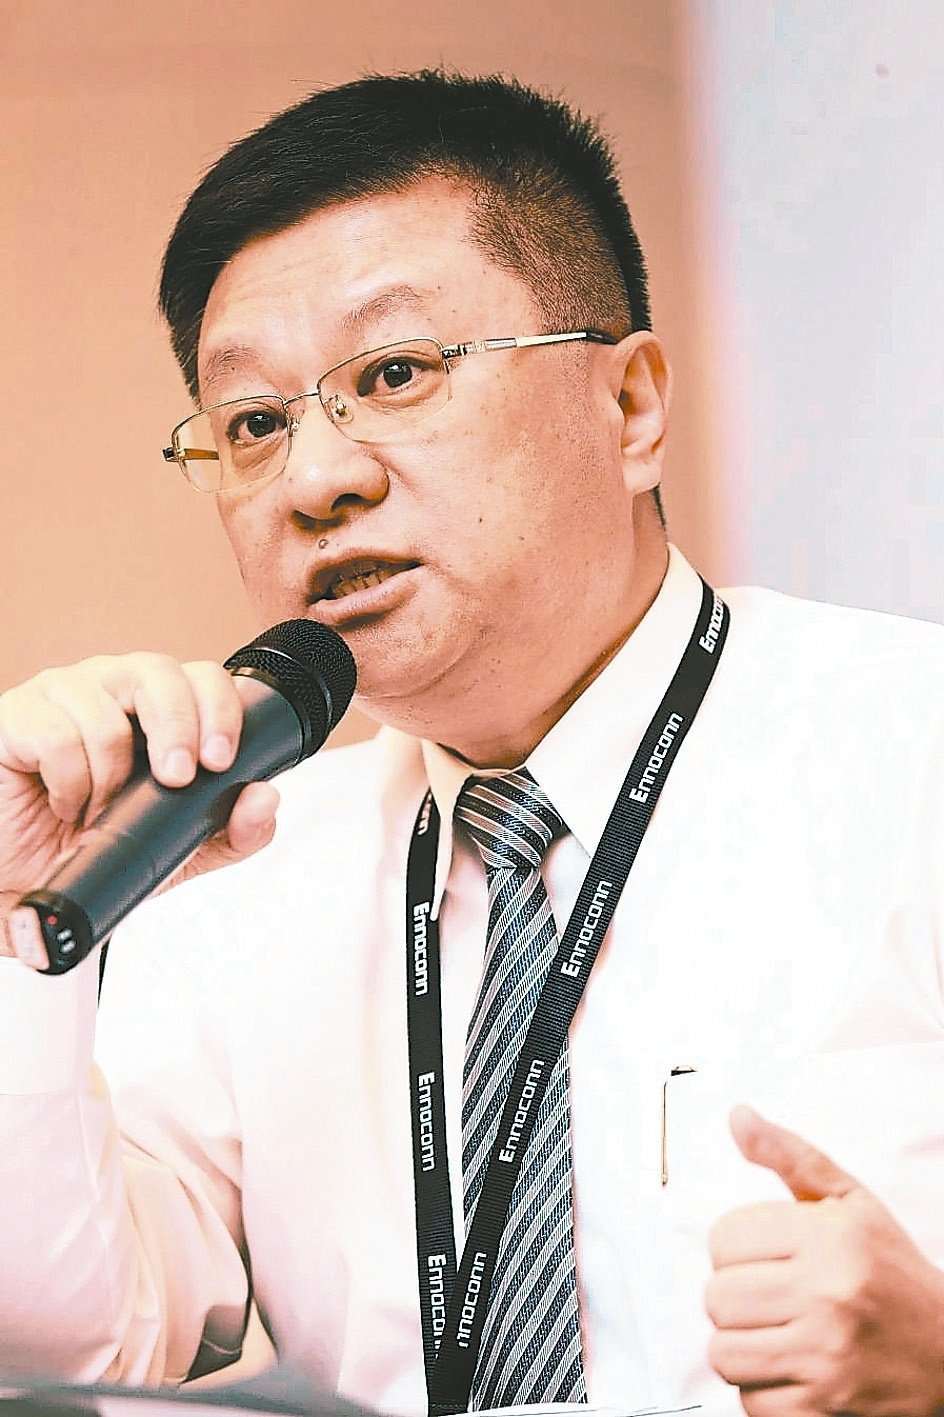 樺漢董事長朱復銓指出,今年在手訂單達950億元,樺漢長期目標是提升公司利潤率,並...